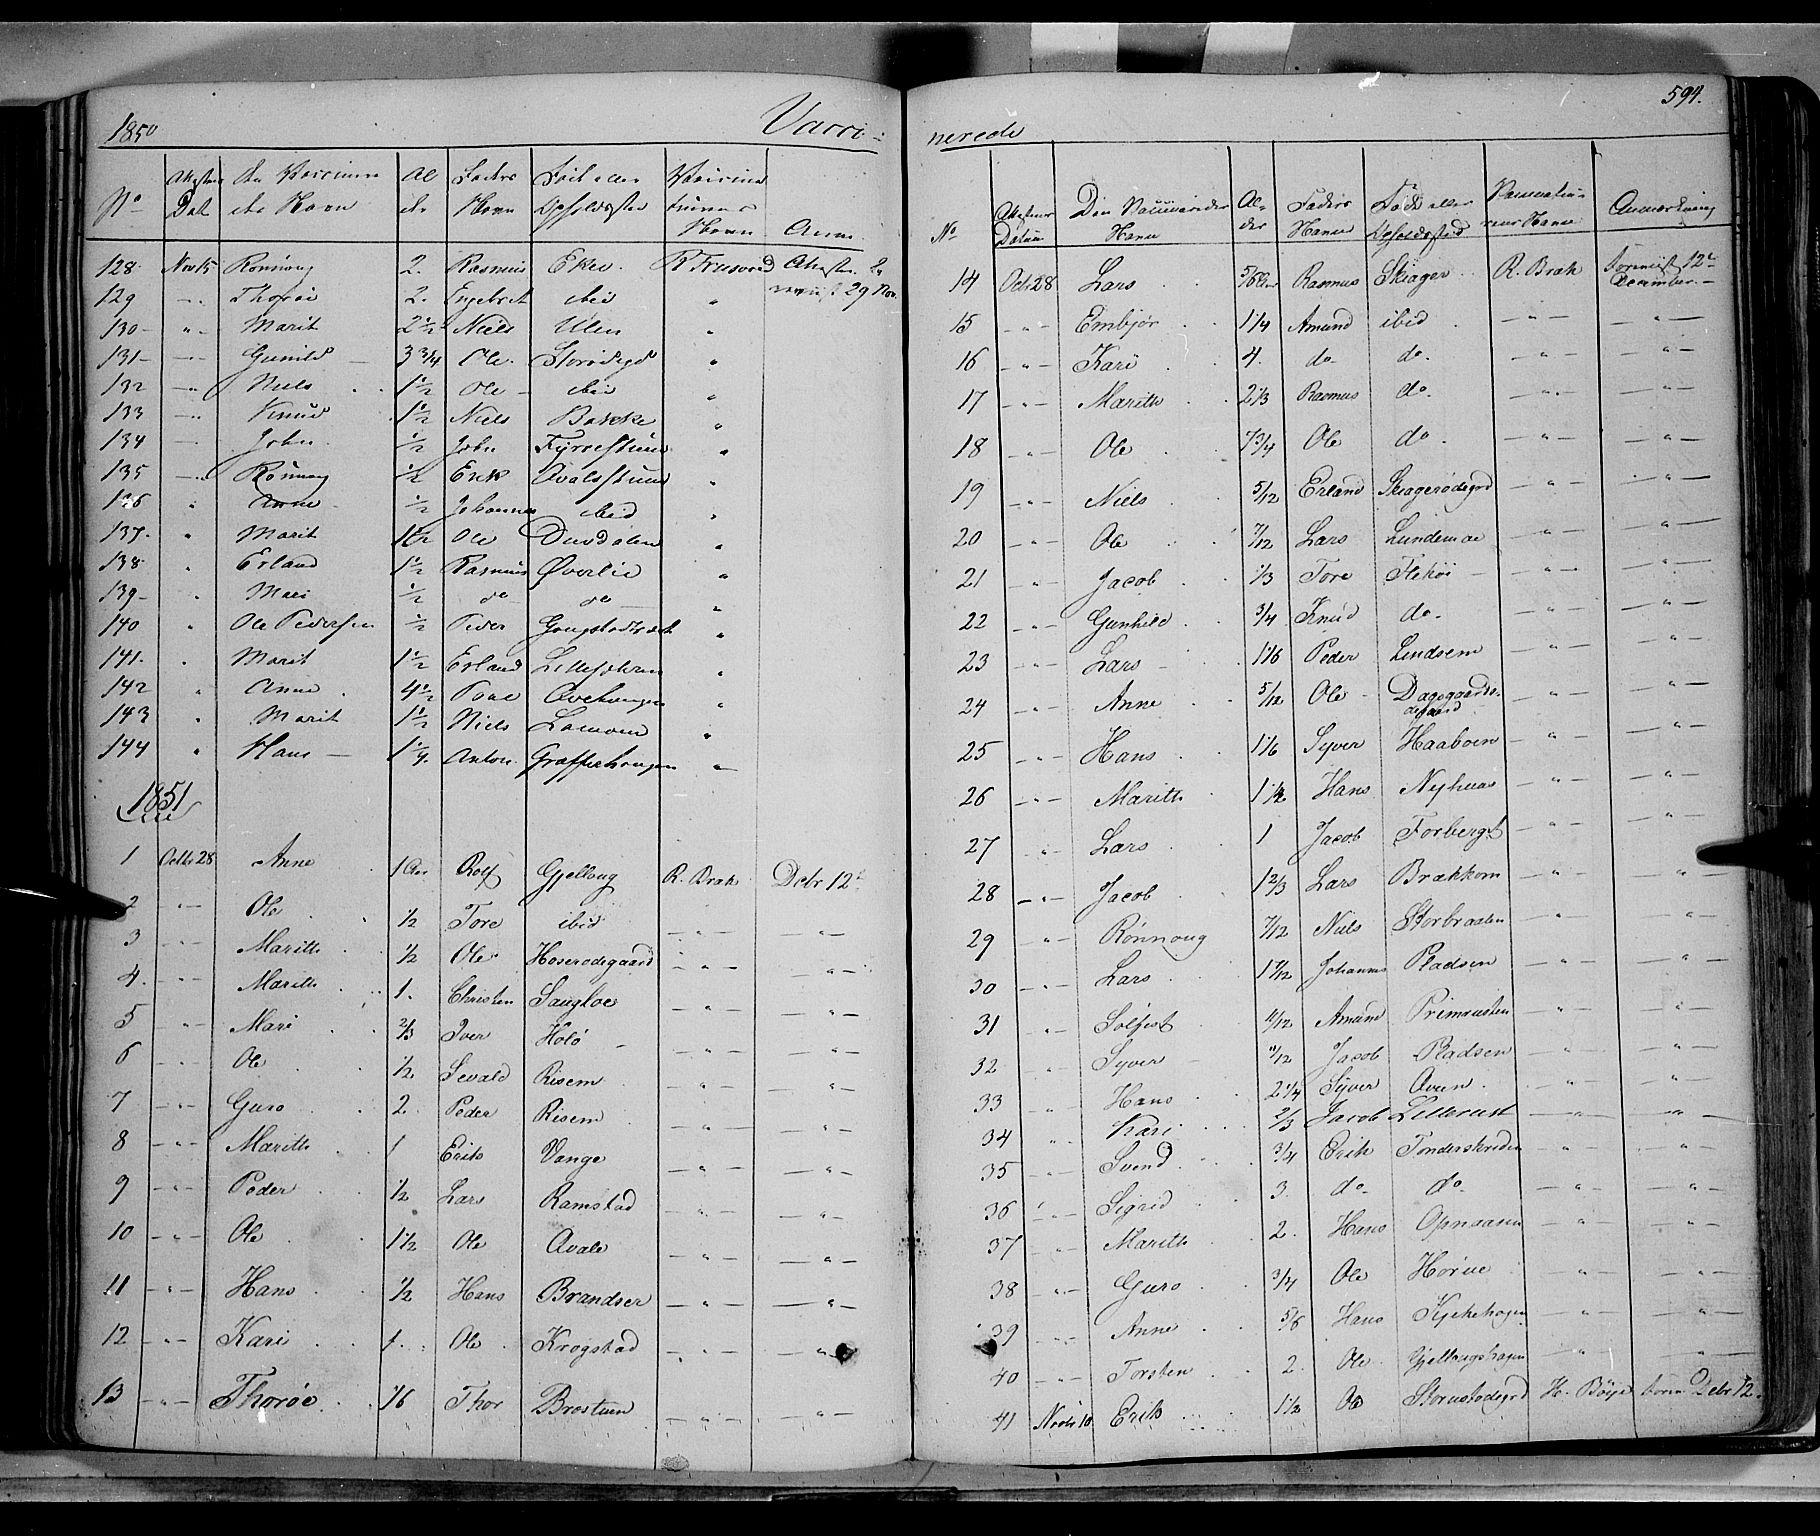 SAH, Lom prestekontor, K/L0006: Ministerialbok nr. 6B, 1837-1863, s. 594